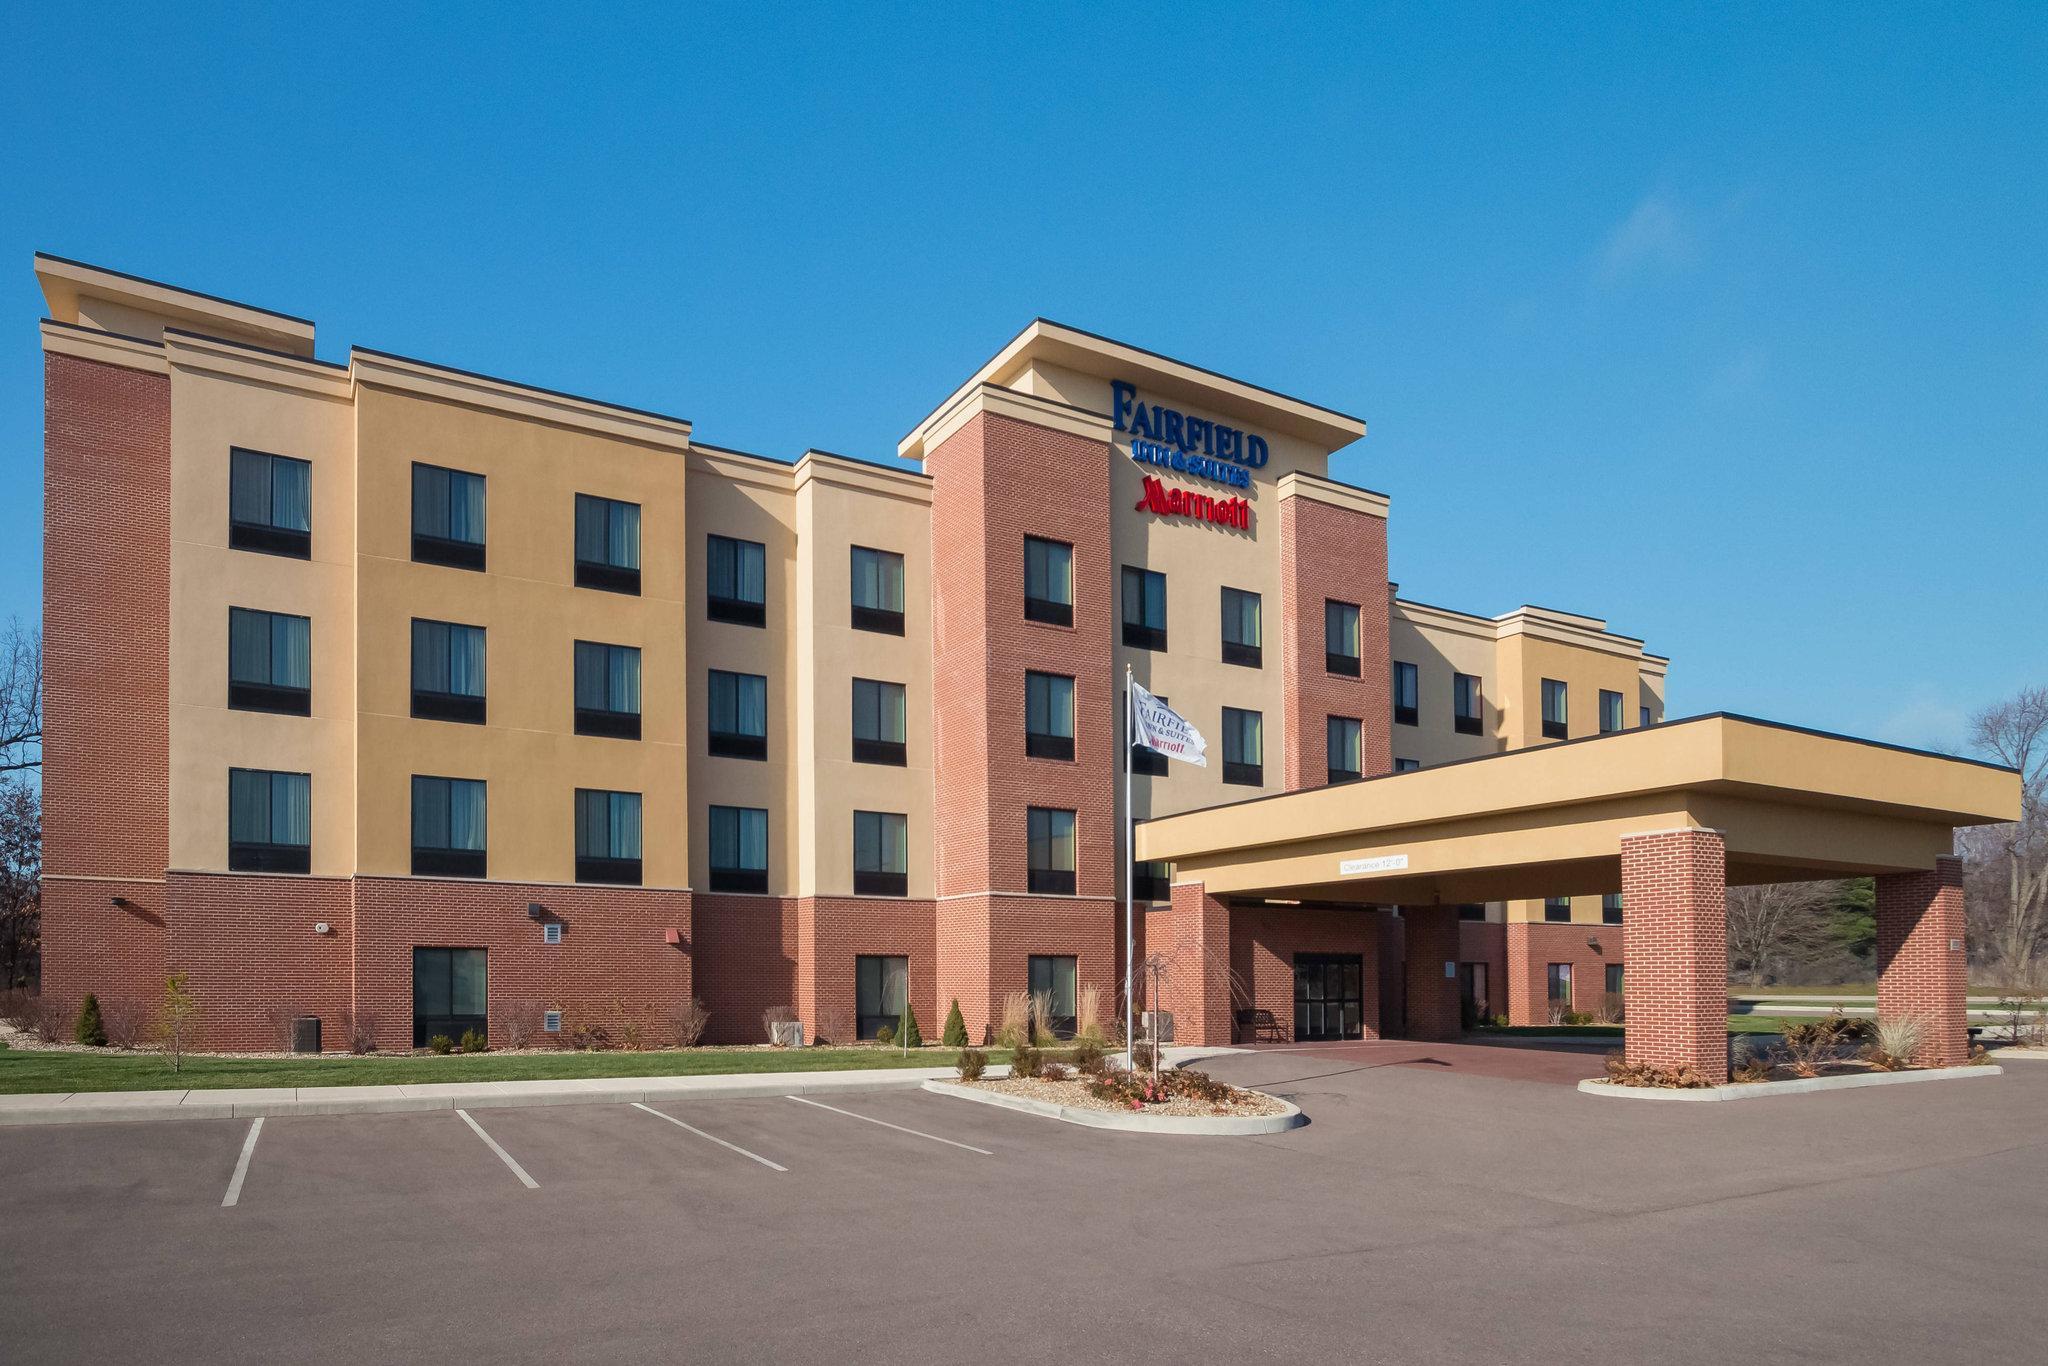 Fairfield Inn And Suites Elkhart